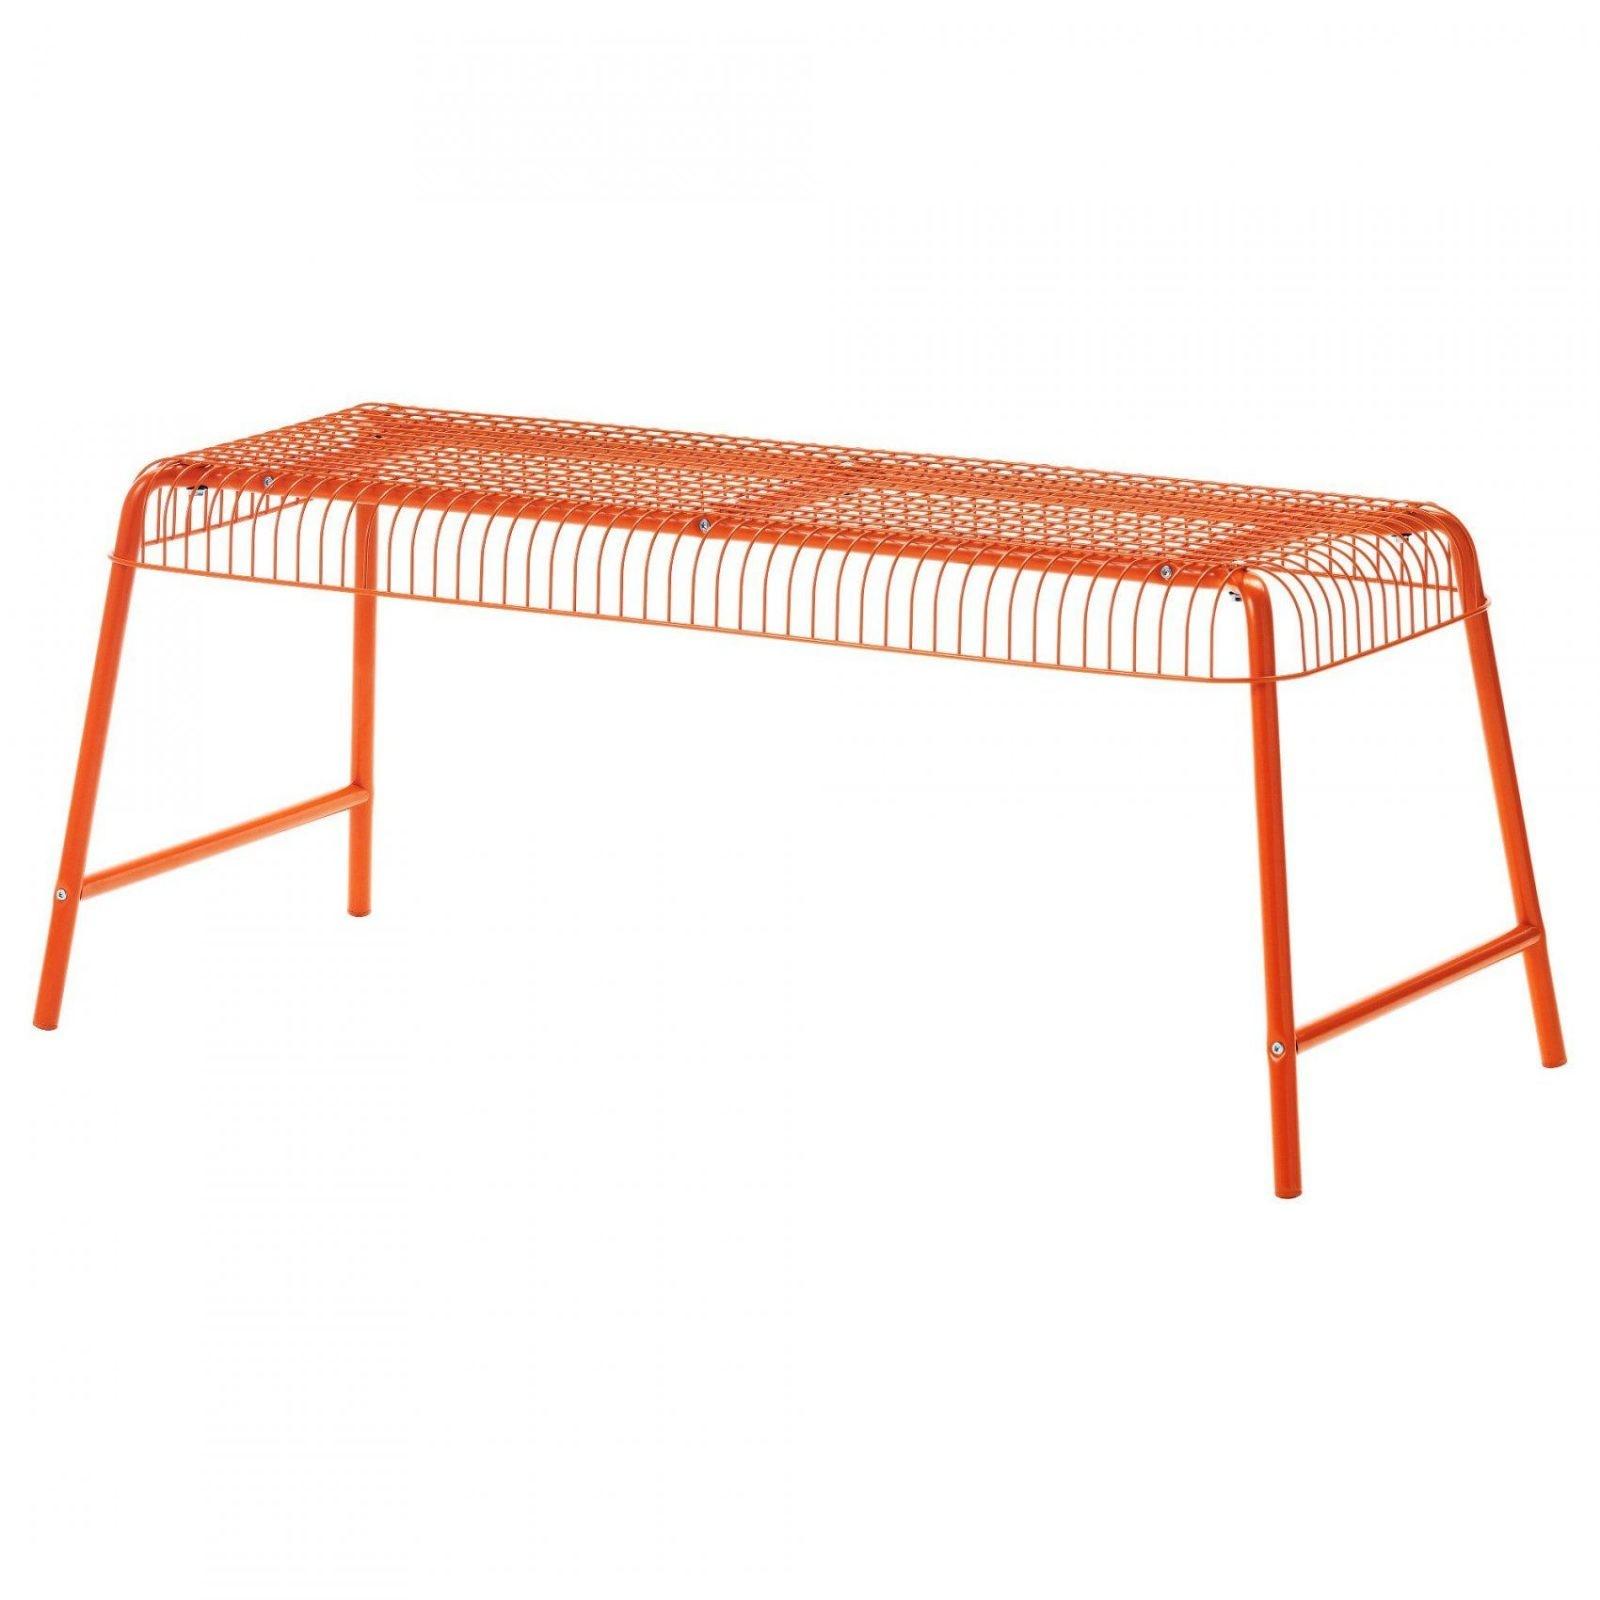 Pin Von Ladendirekt Auf Gartenmöbel  Pinterest  Drinnen von Ikea Bänke Für Draußen Bild